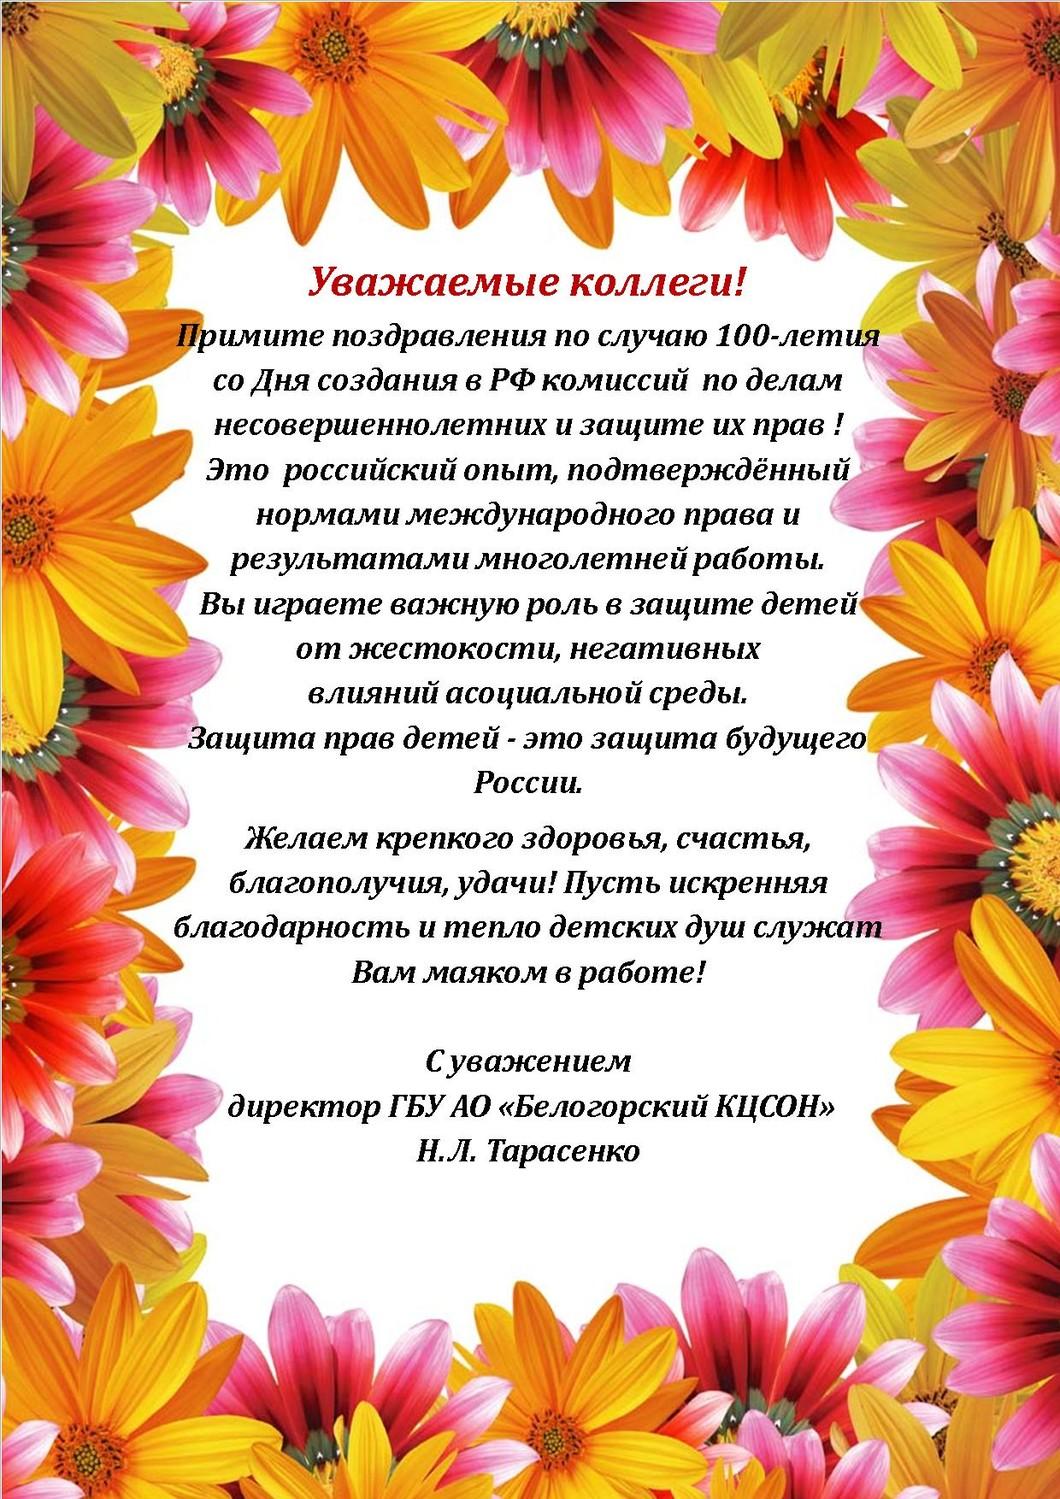 Рецепт валерьяна укроп мед